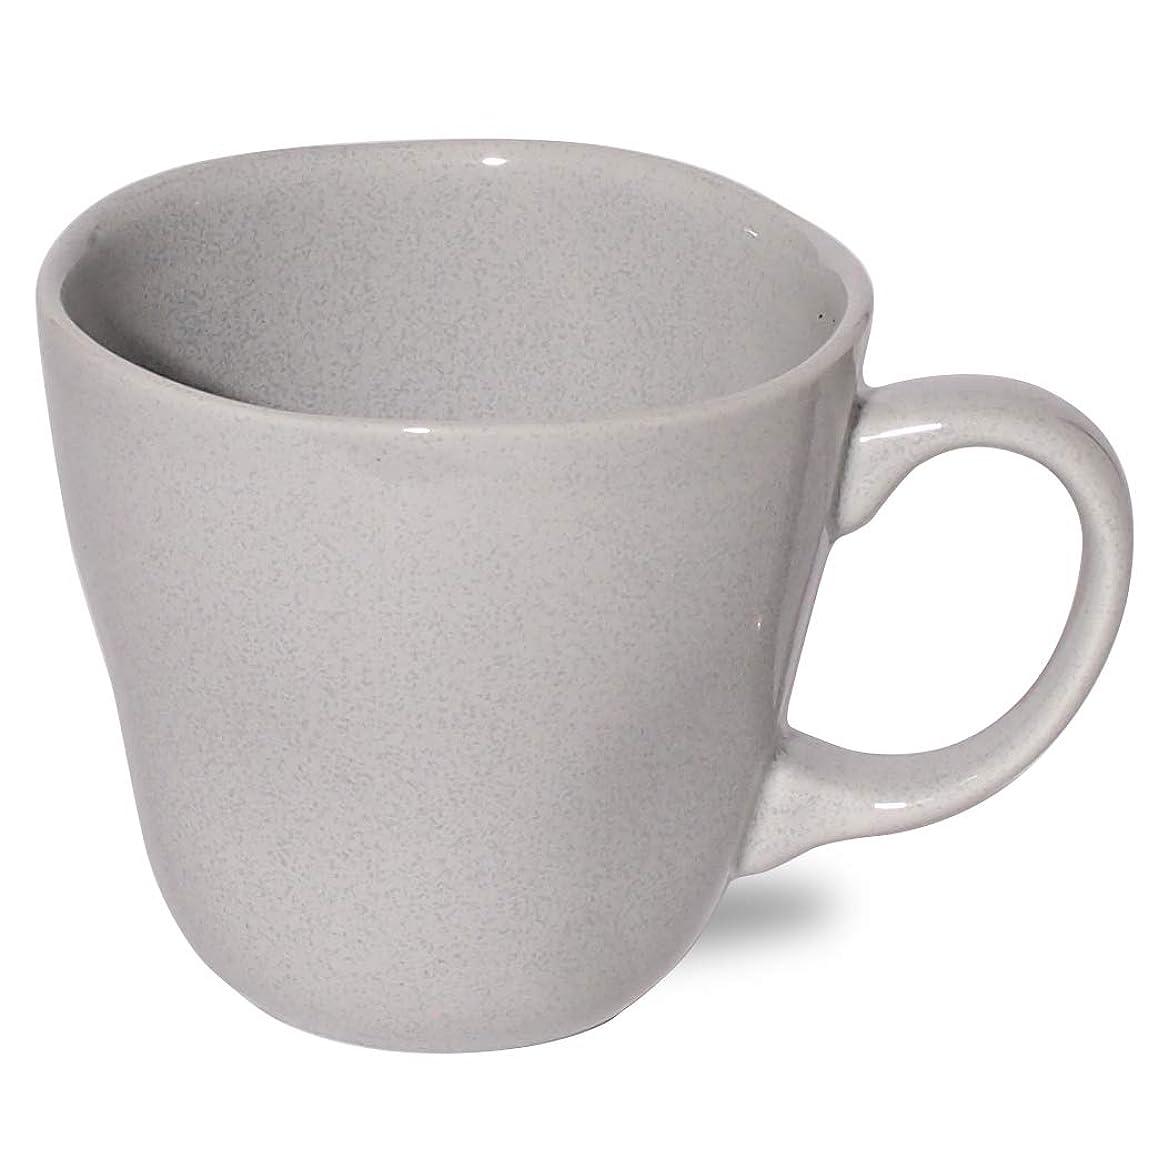 創造補正腹痛マルサン近藤(Marusankondo) マグカップ グレー φ9×H9cm 美濃焼 グレース マグカップ グレー